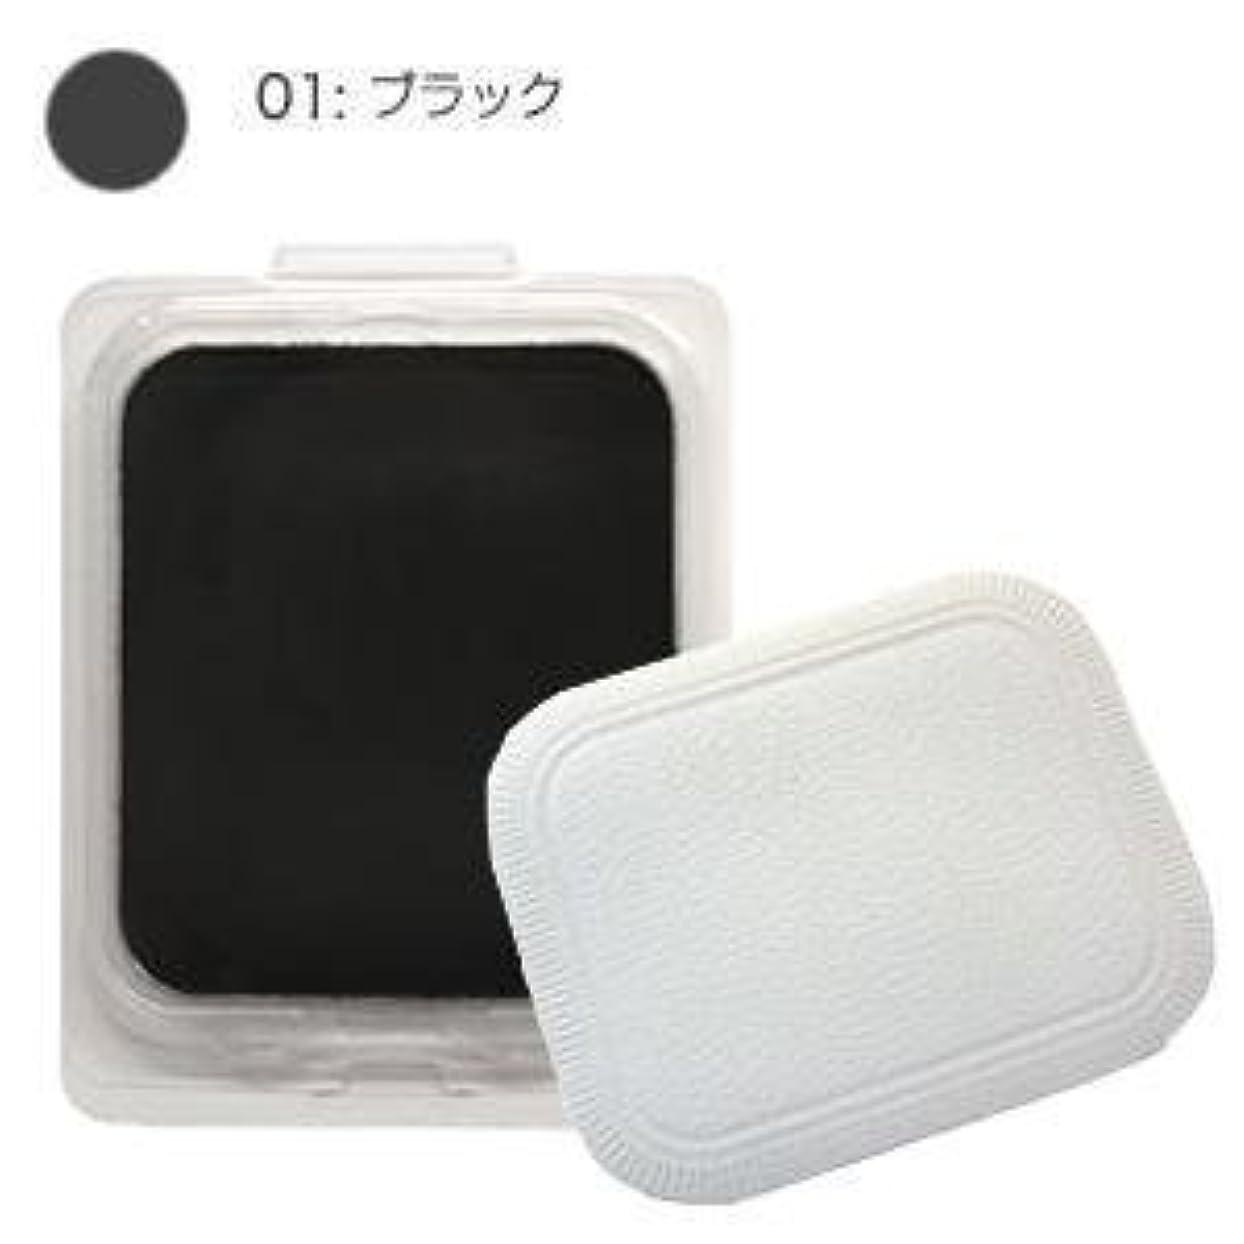 させる振りかける配管モナリザ ヘアケアファンデーション つめかえ用 (ブラック) 12g(パフ付)